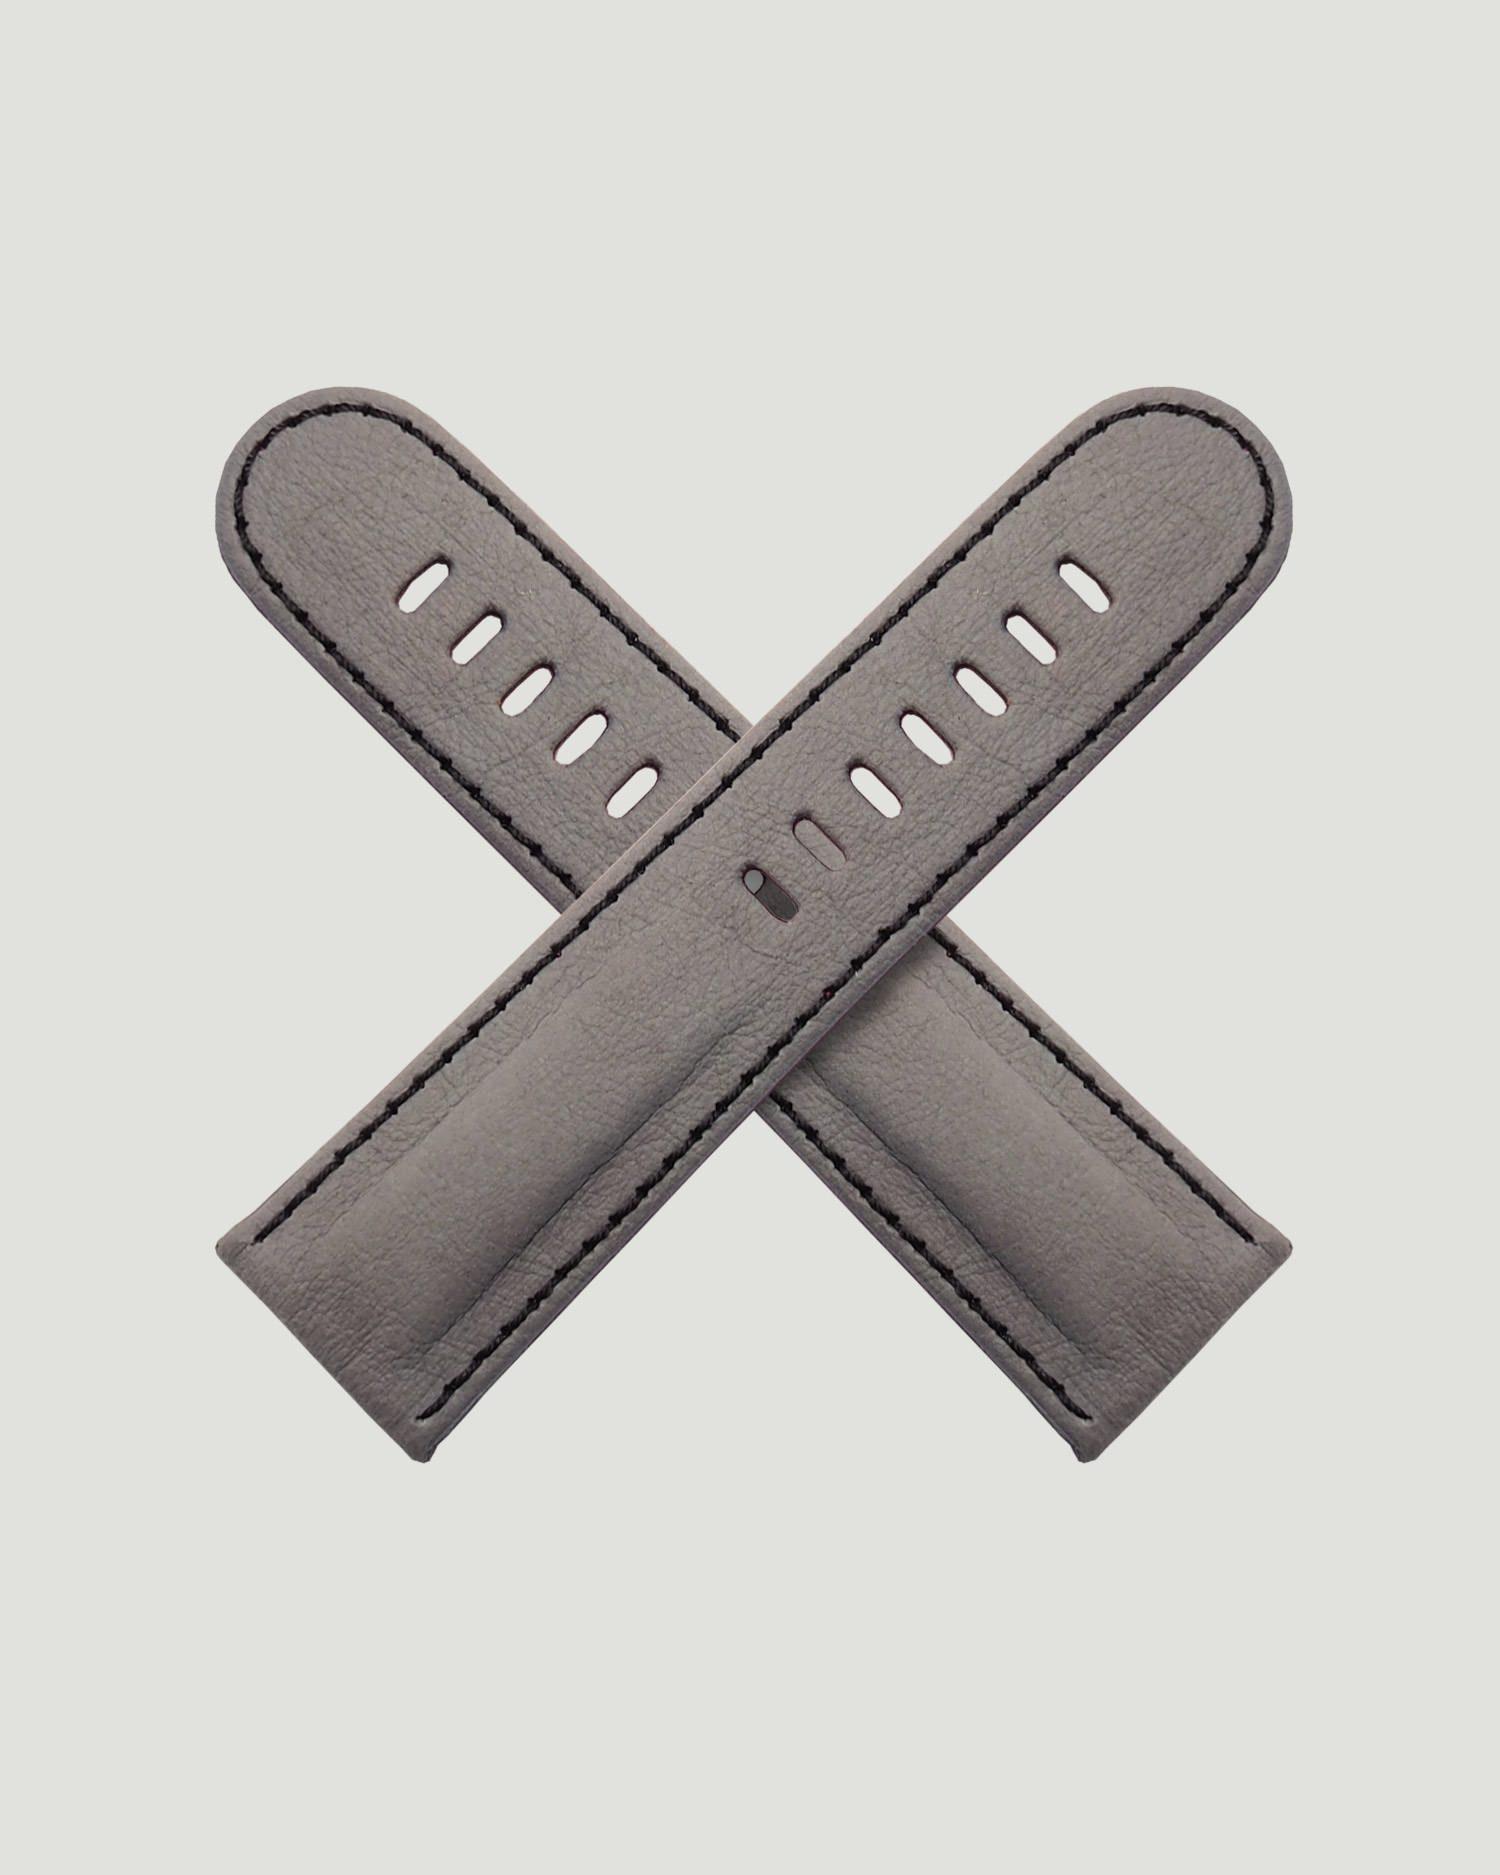 Grey OMI strap